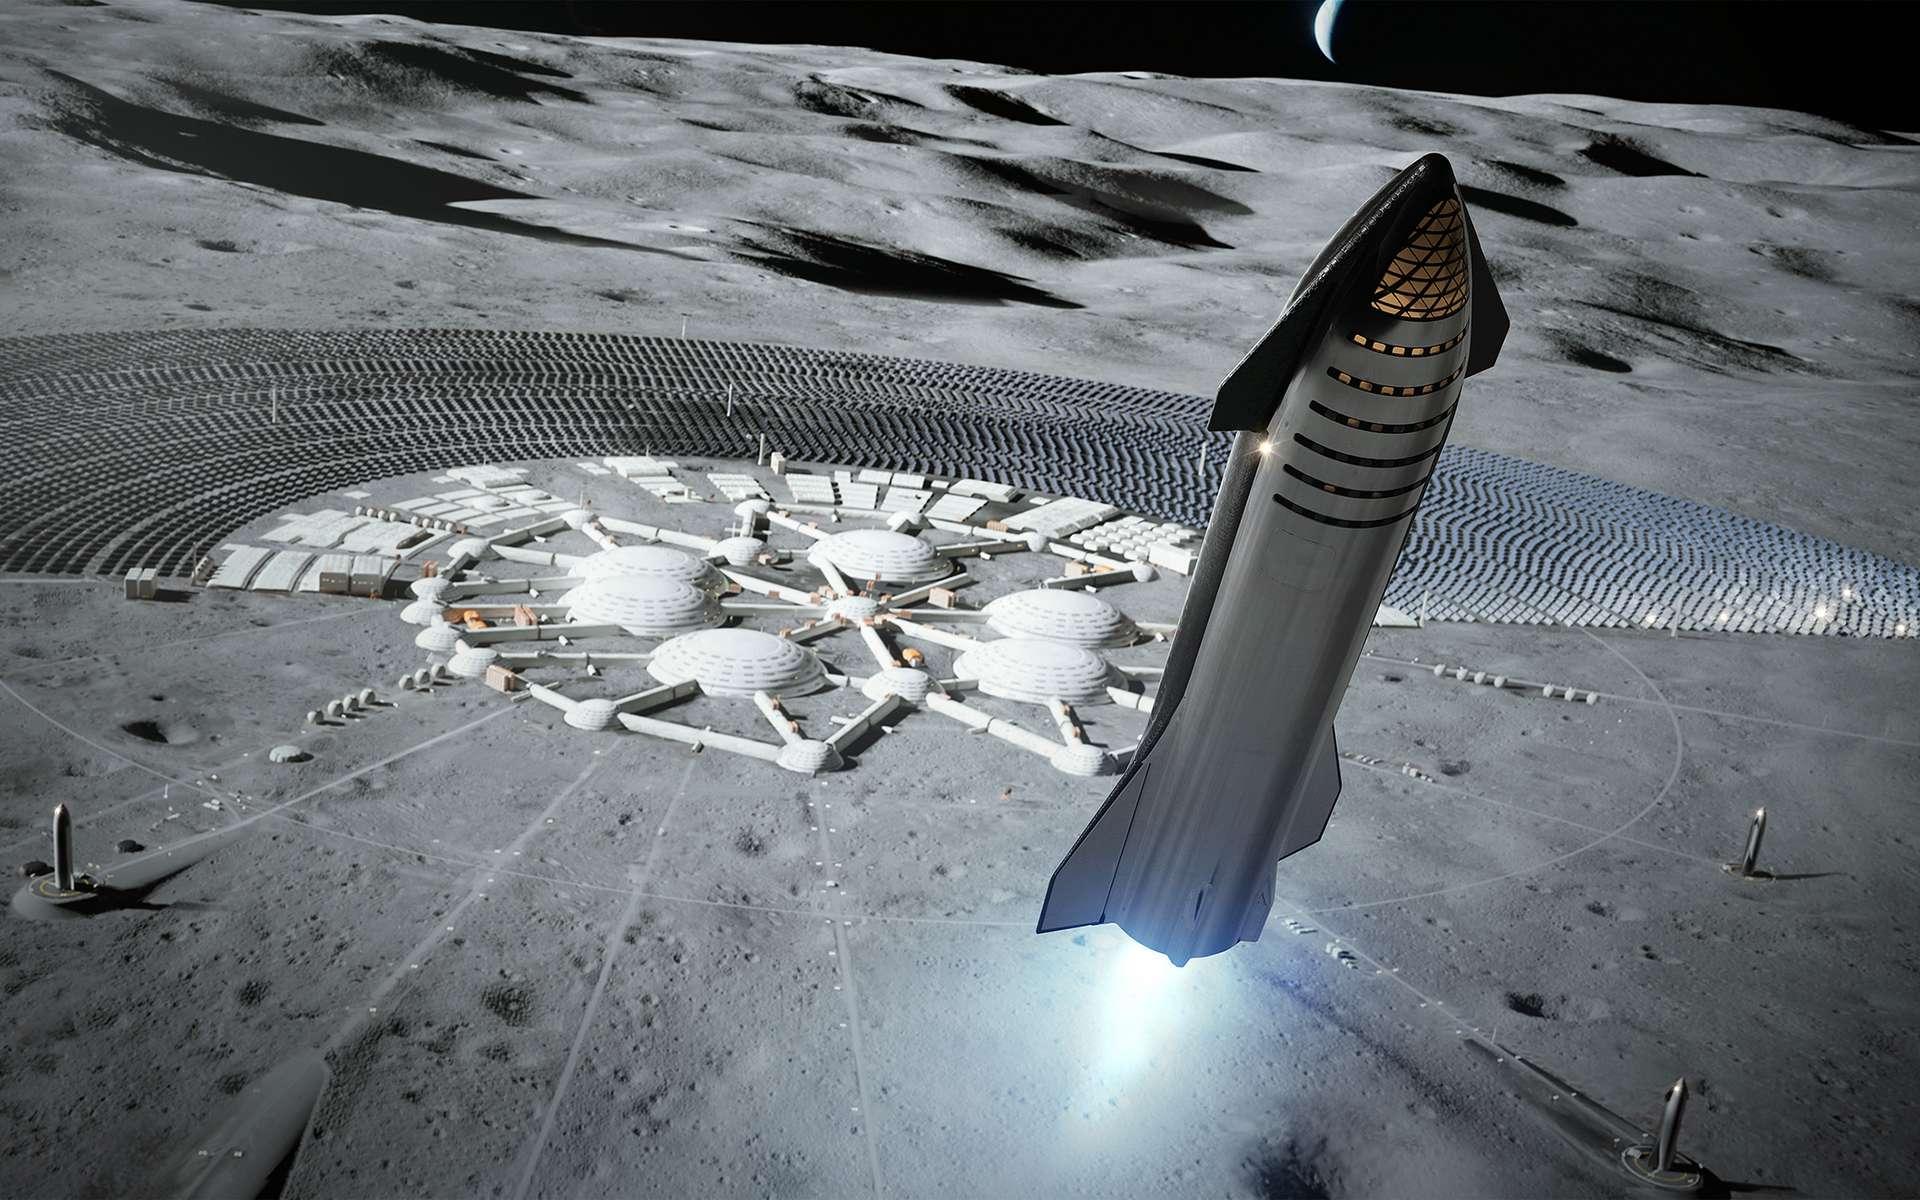 Vue d'artiste du Starship quand il s'appelait BFR. © SpaceX